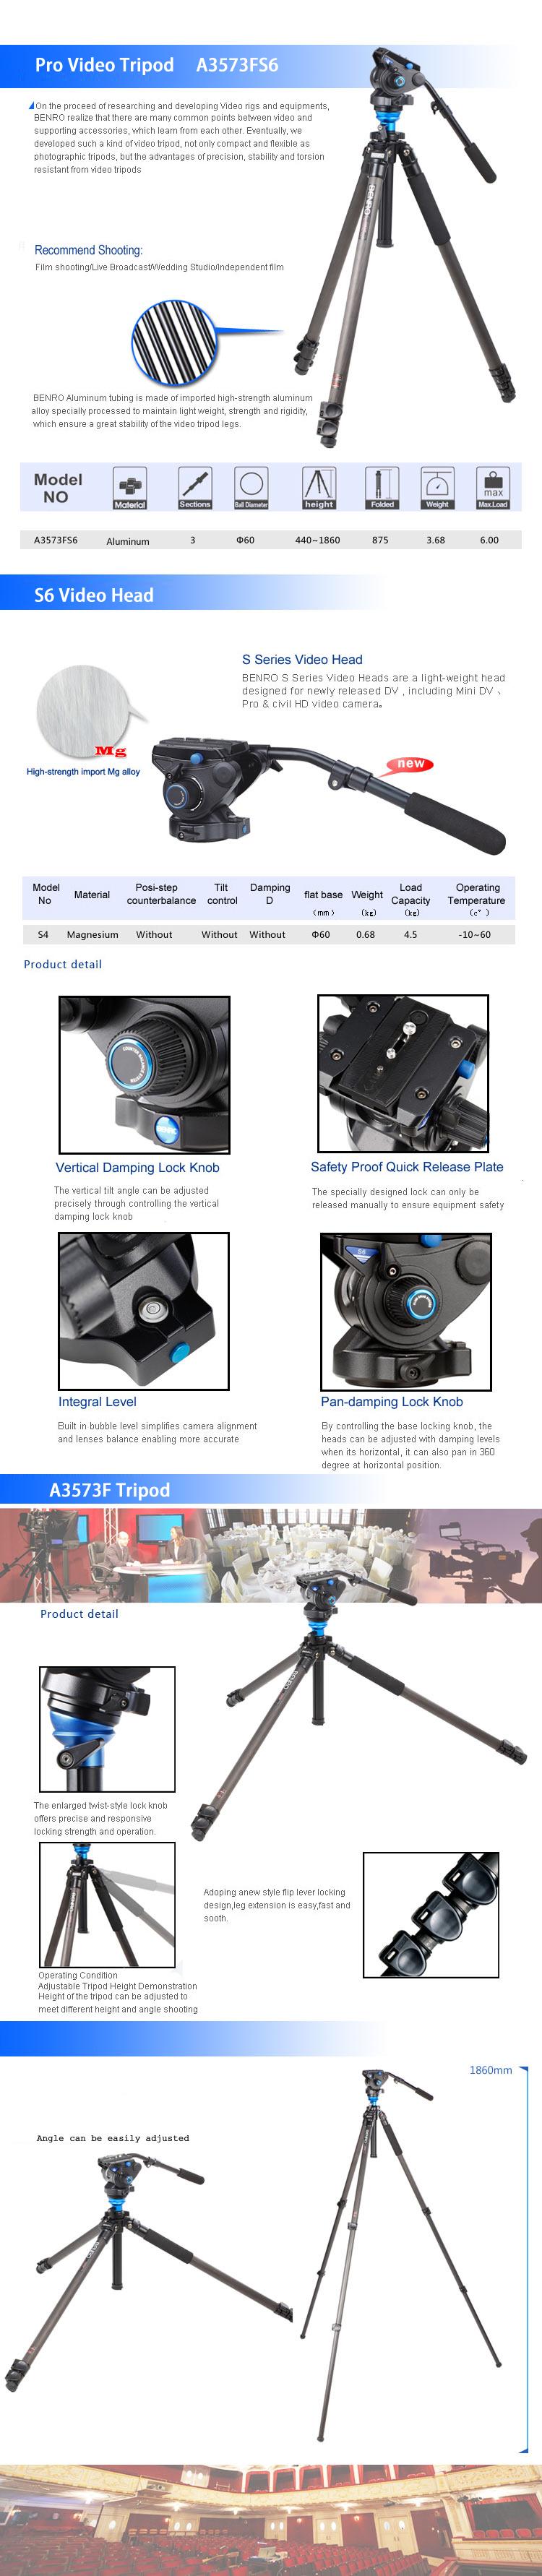 a3573fs6-detail.jpg